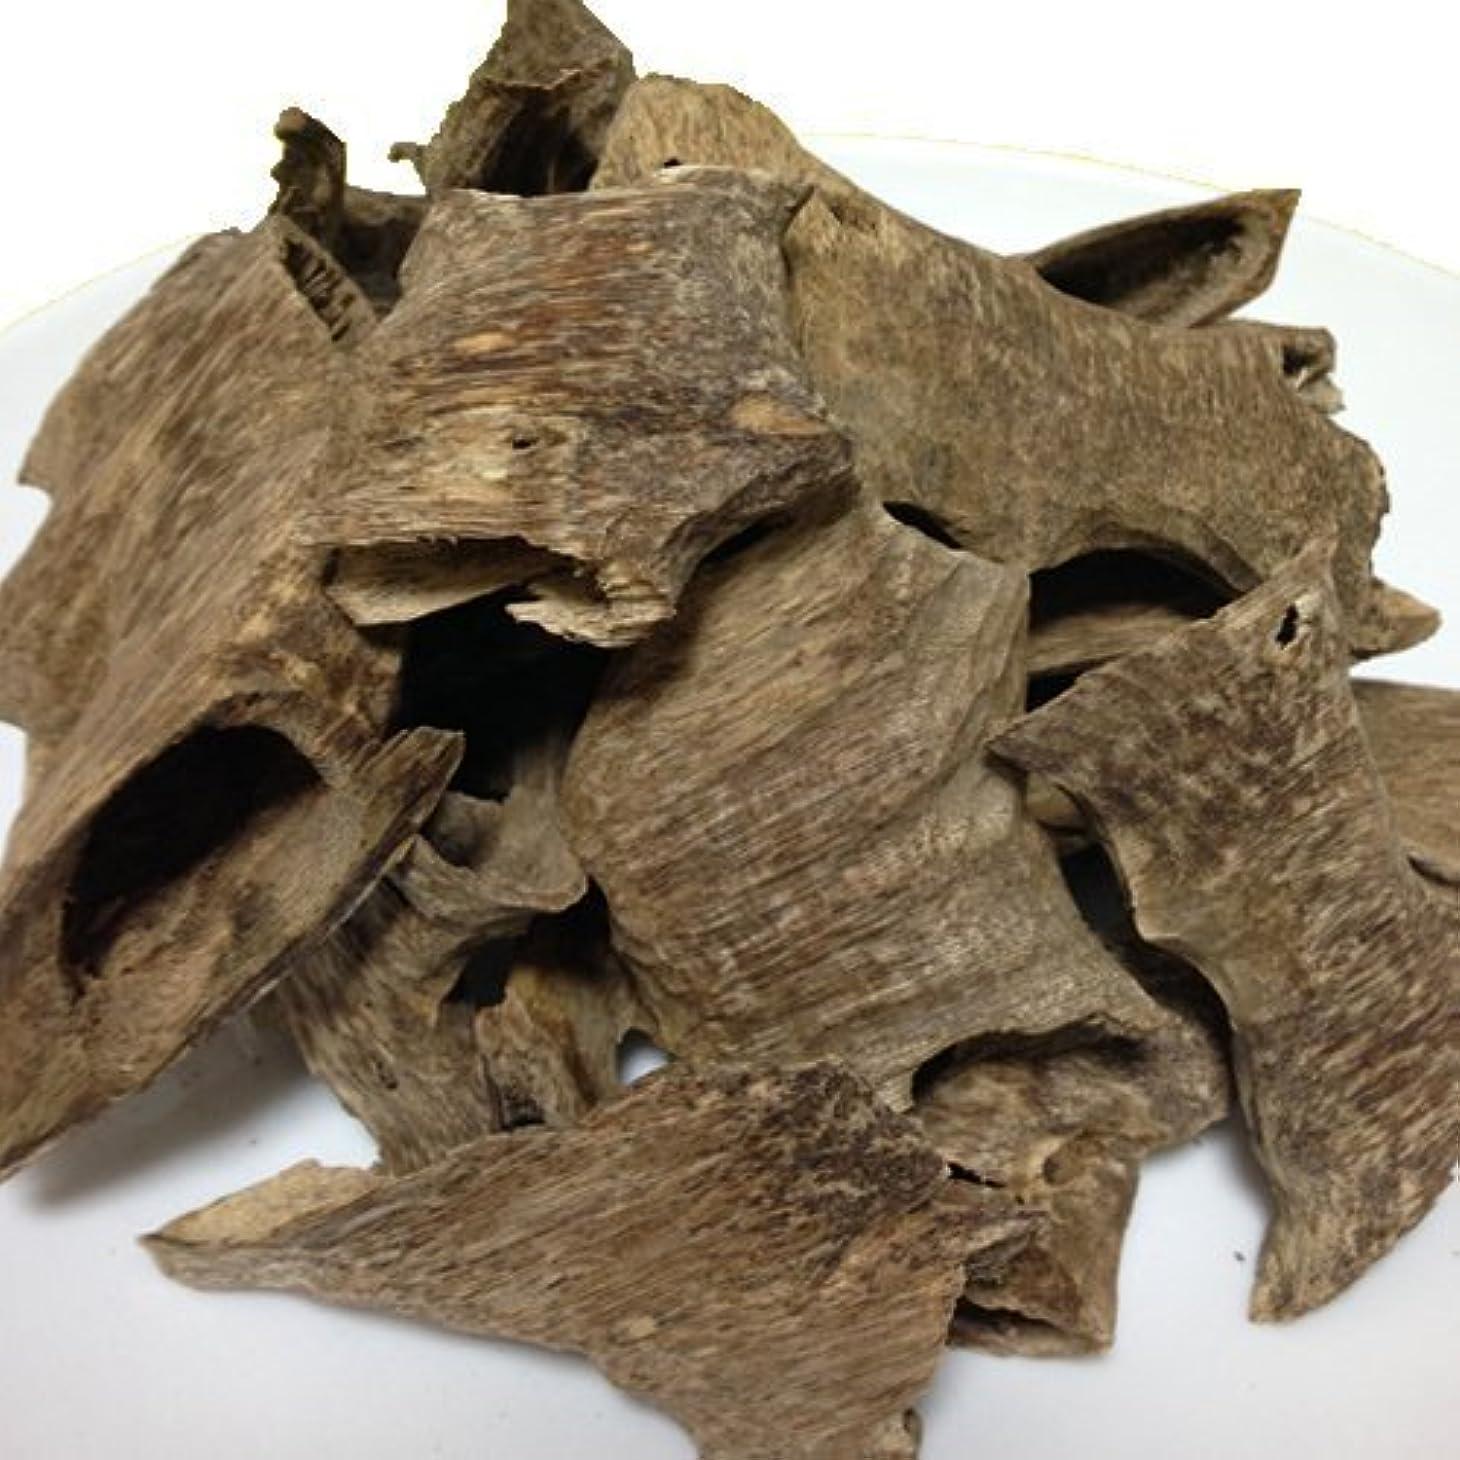 忠実に憂鬱業界[ Vietnam market ] Agarwood Chips (Aloeswood Agalloch Eaglewood) From Vietnam 3.5 Oz by Vietnam market [並行輸入品]